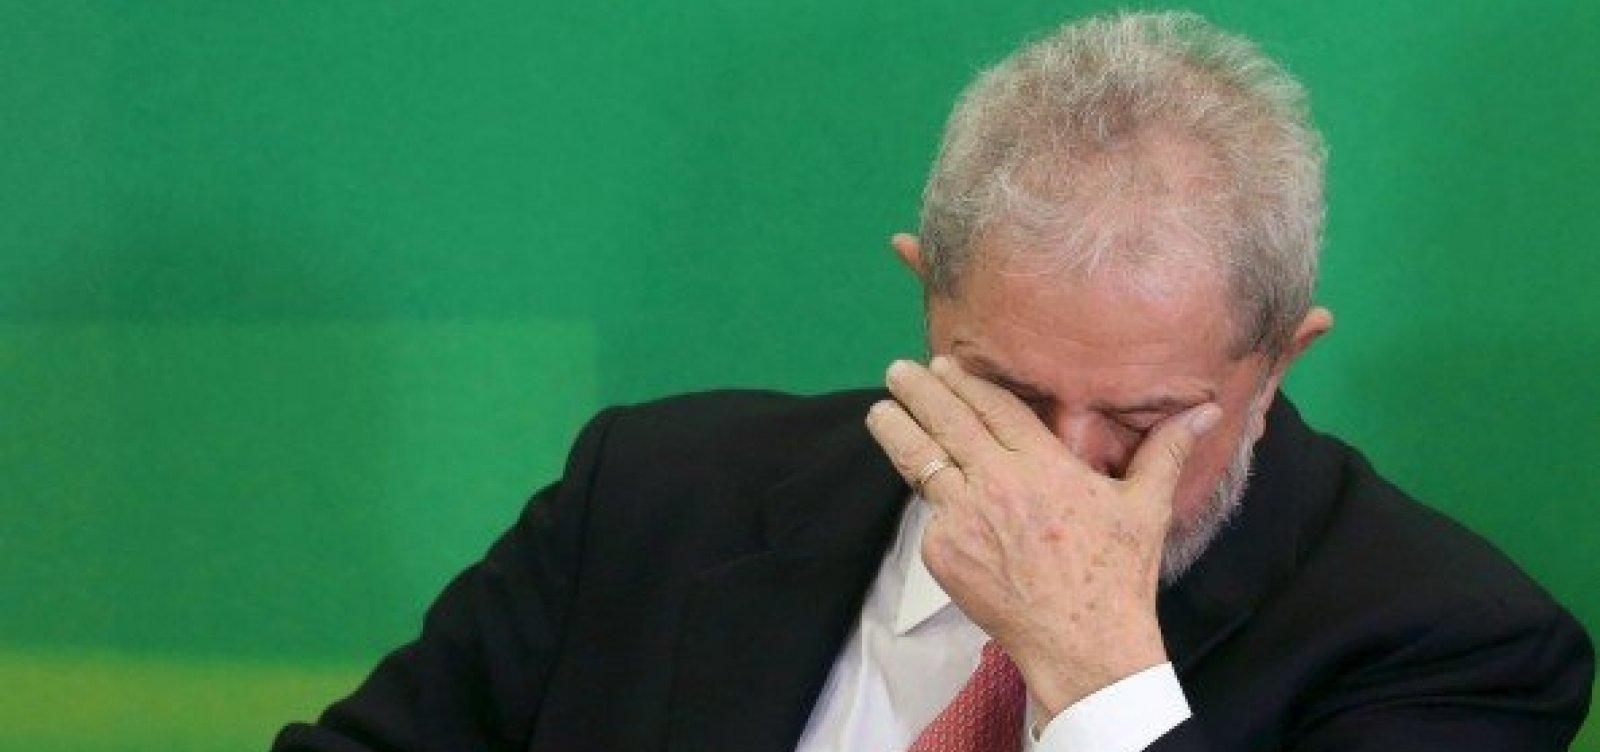 [Após depoimento, Lula já tem duas ações em fase avançada]